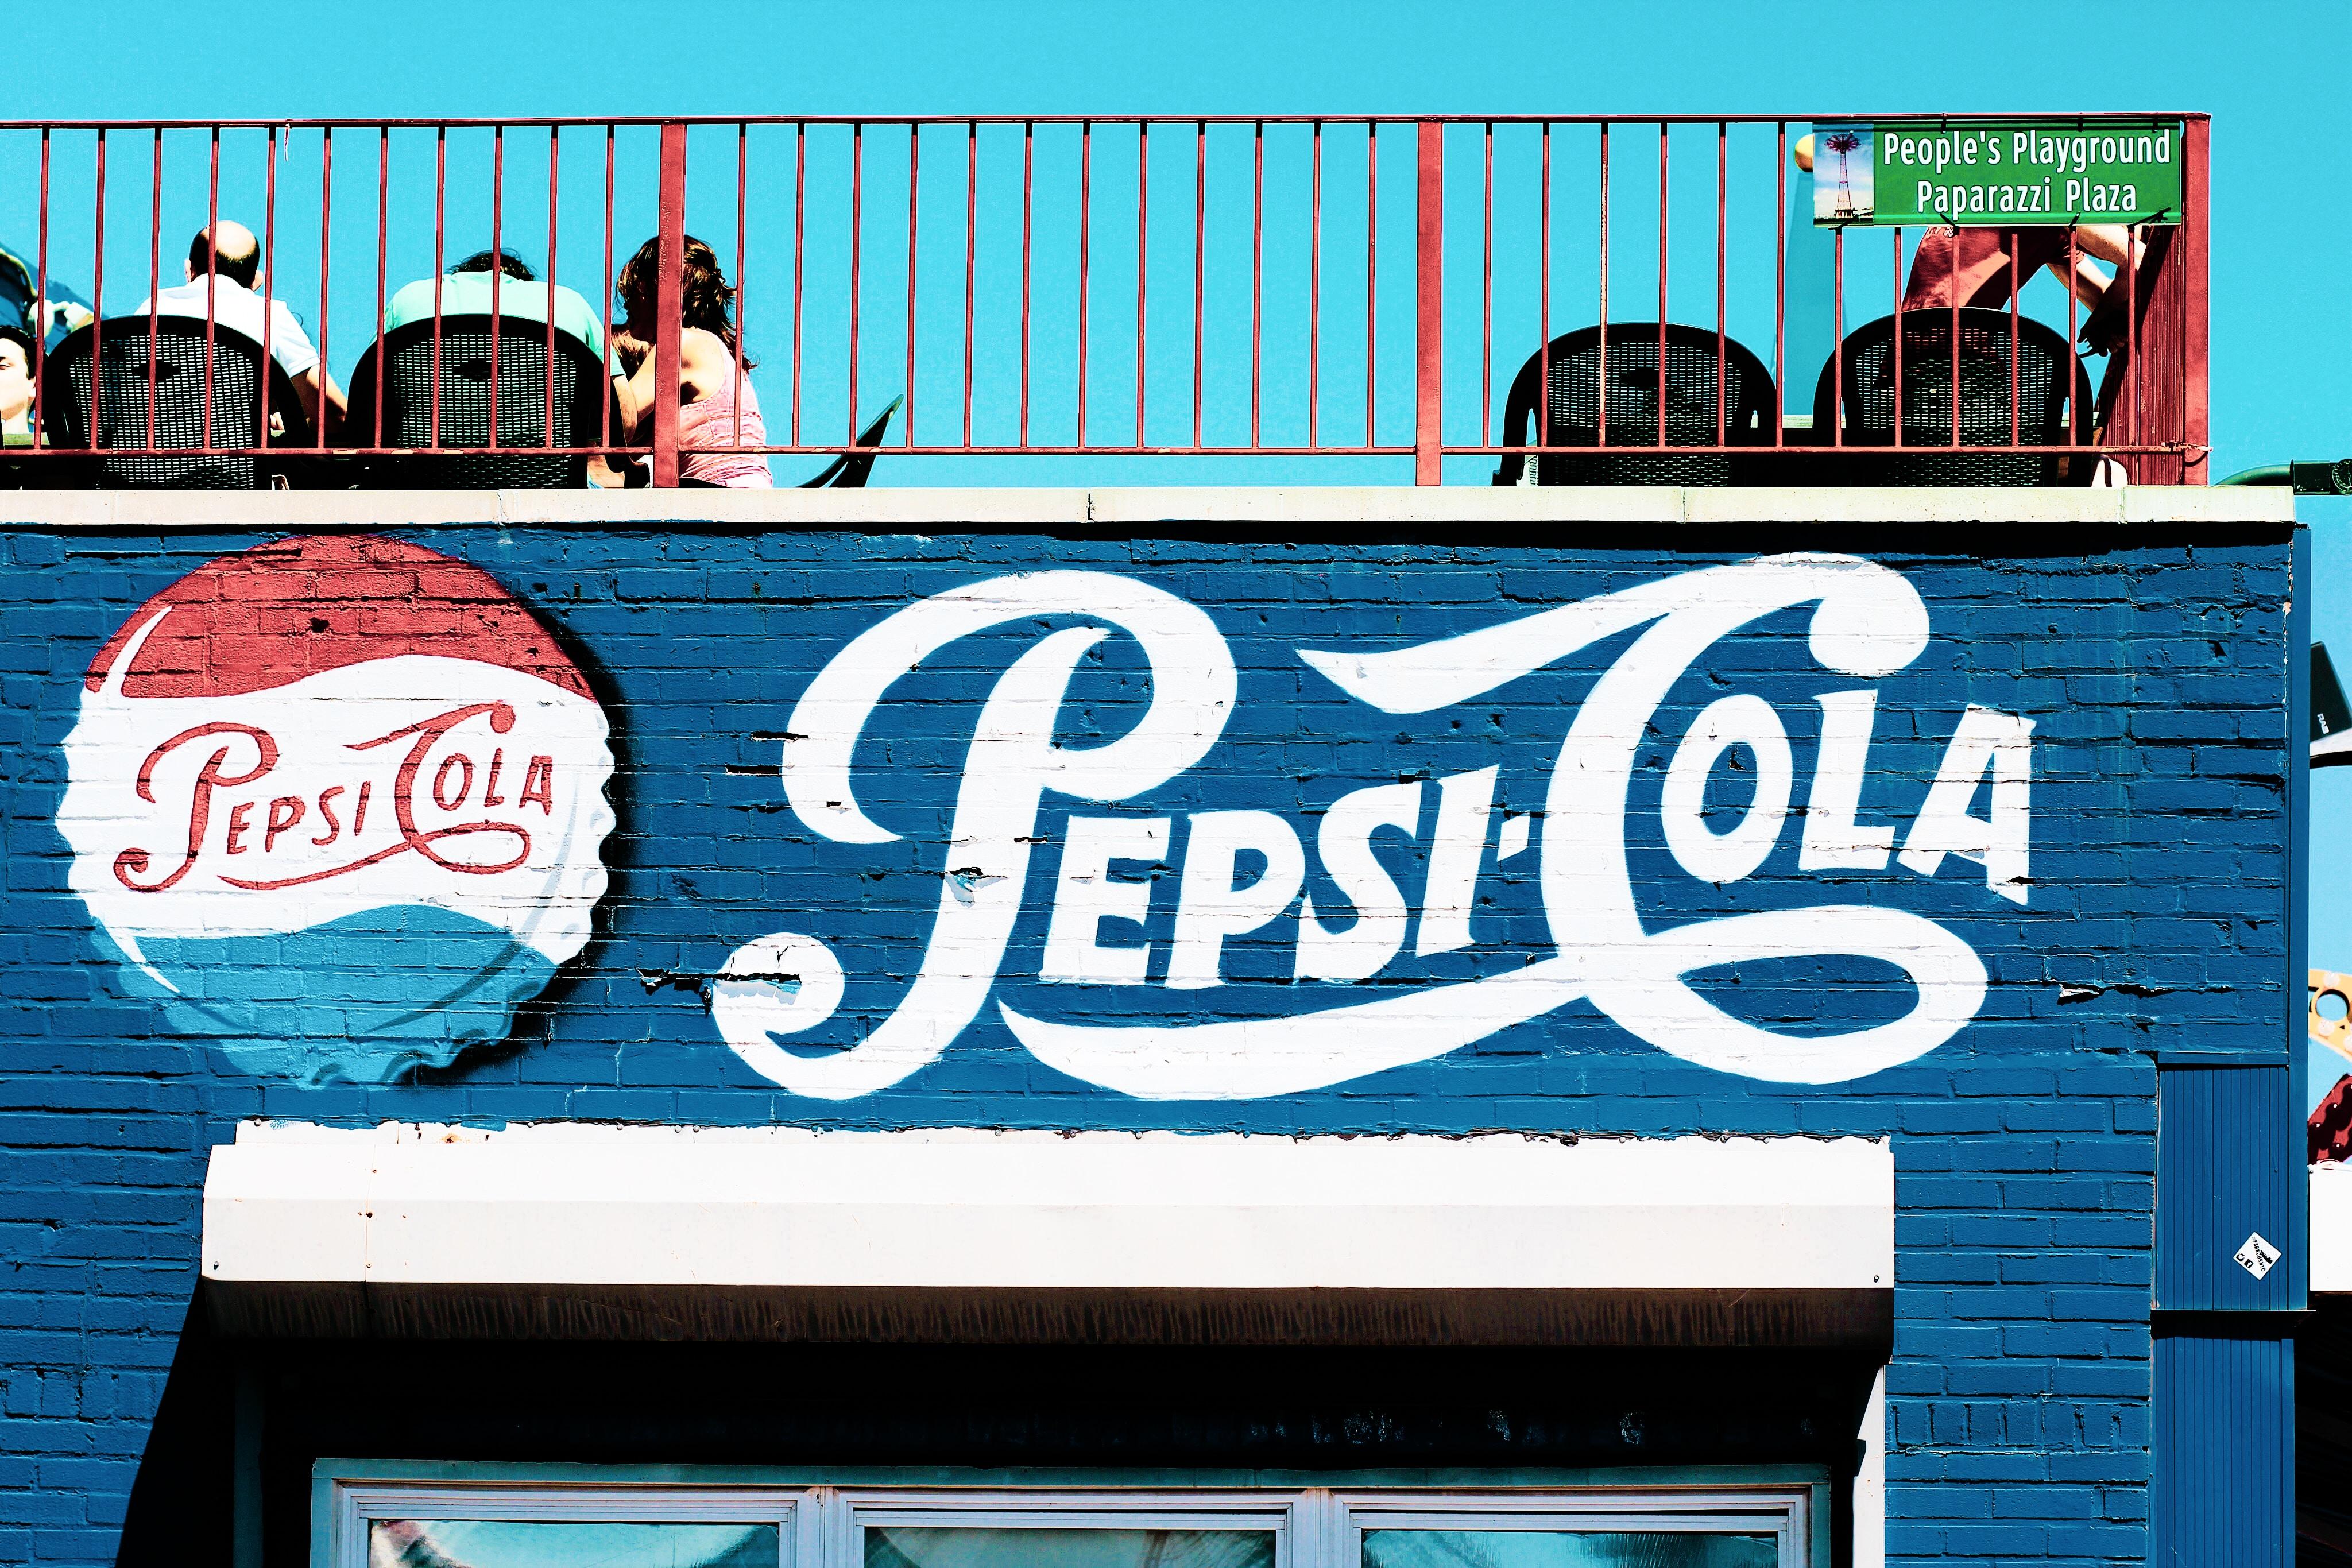 Pepsi-Cola mural